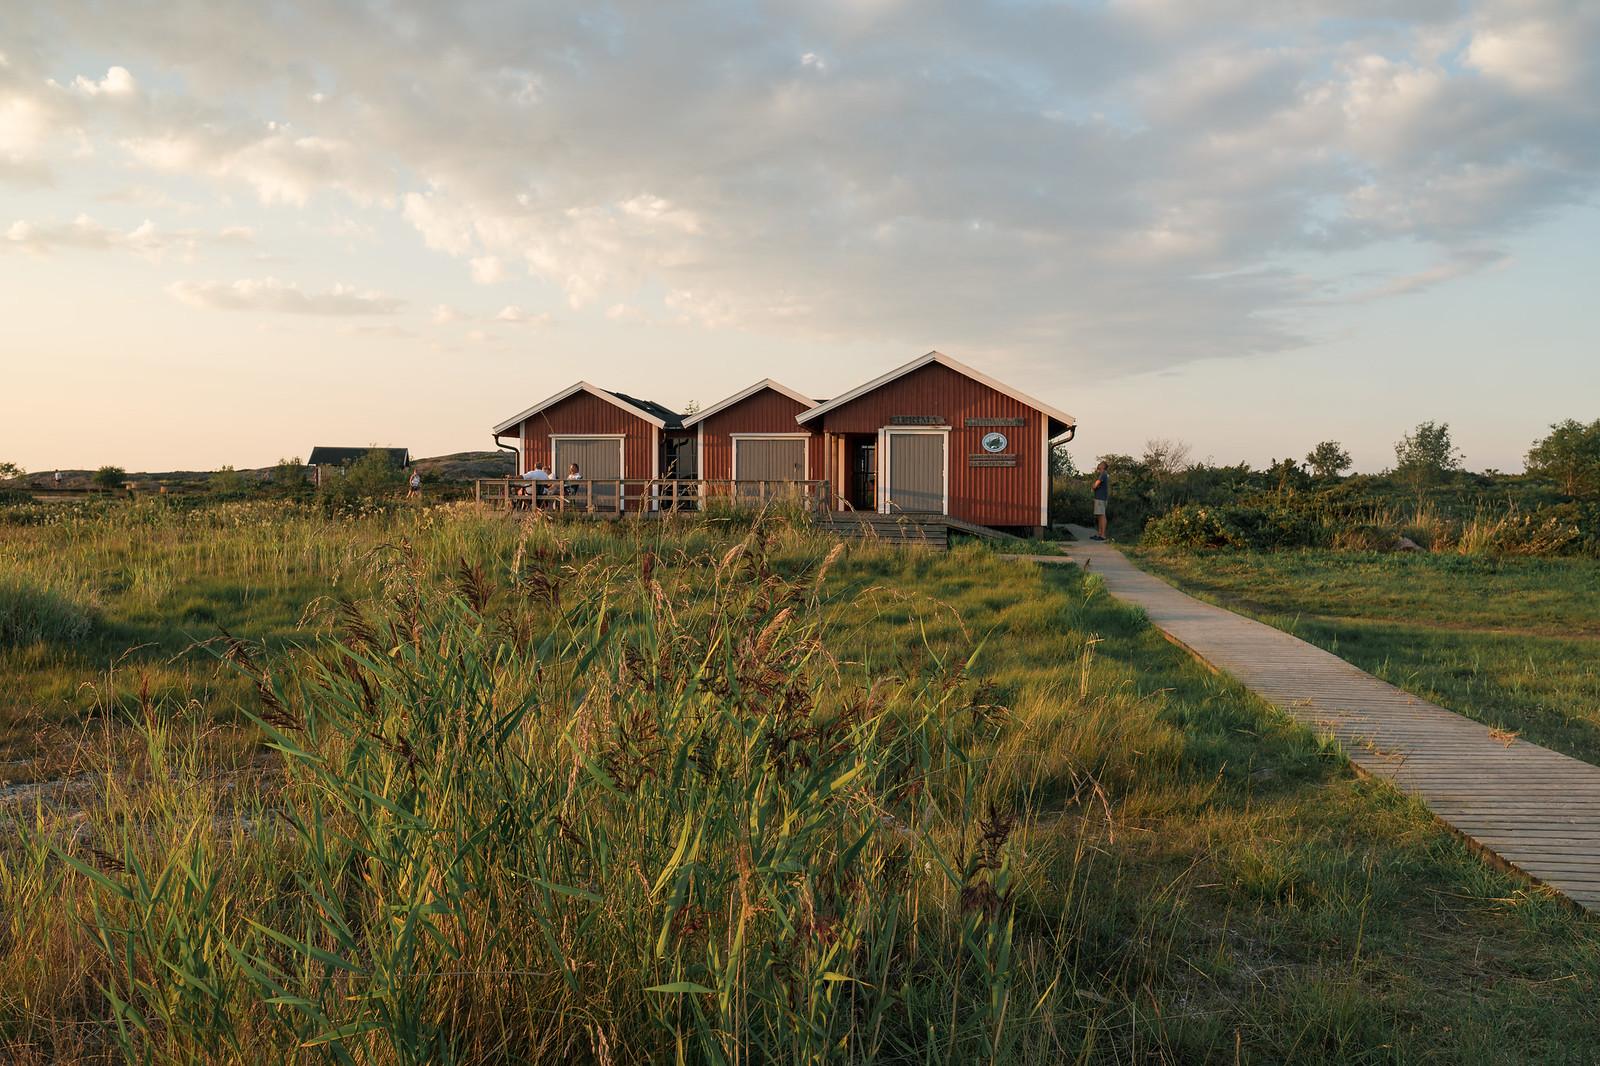 Punaiset rakennukset luovat oman tunnelmansa saaristoon